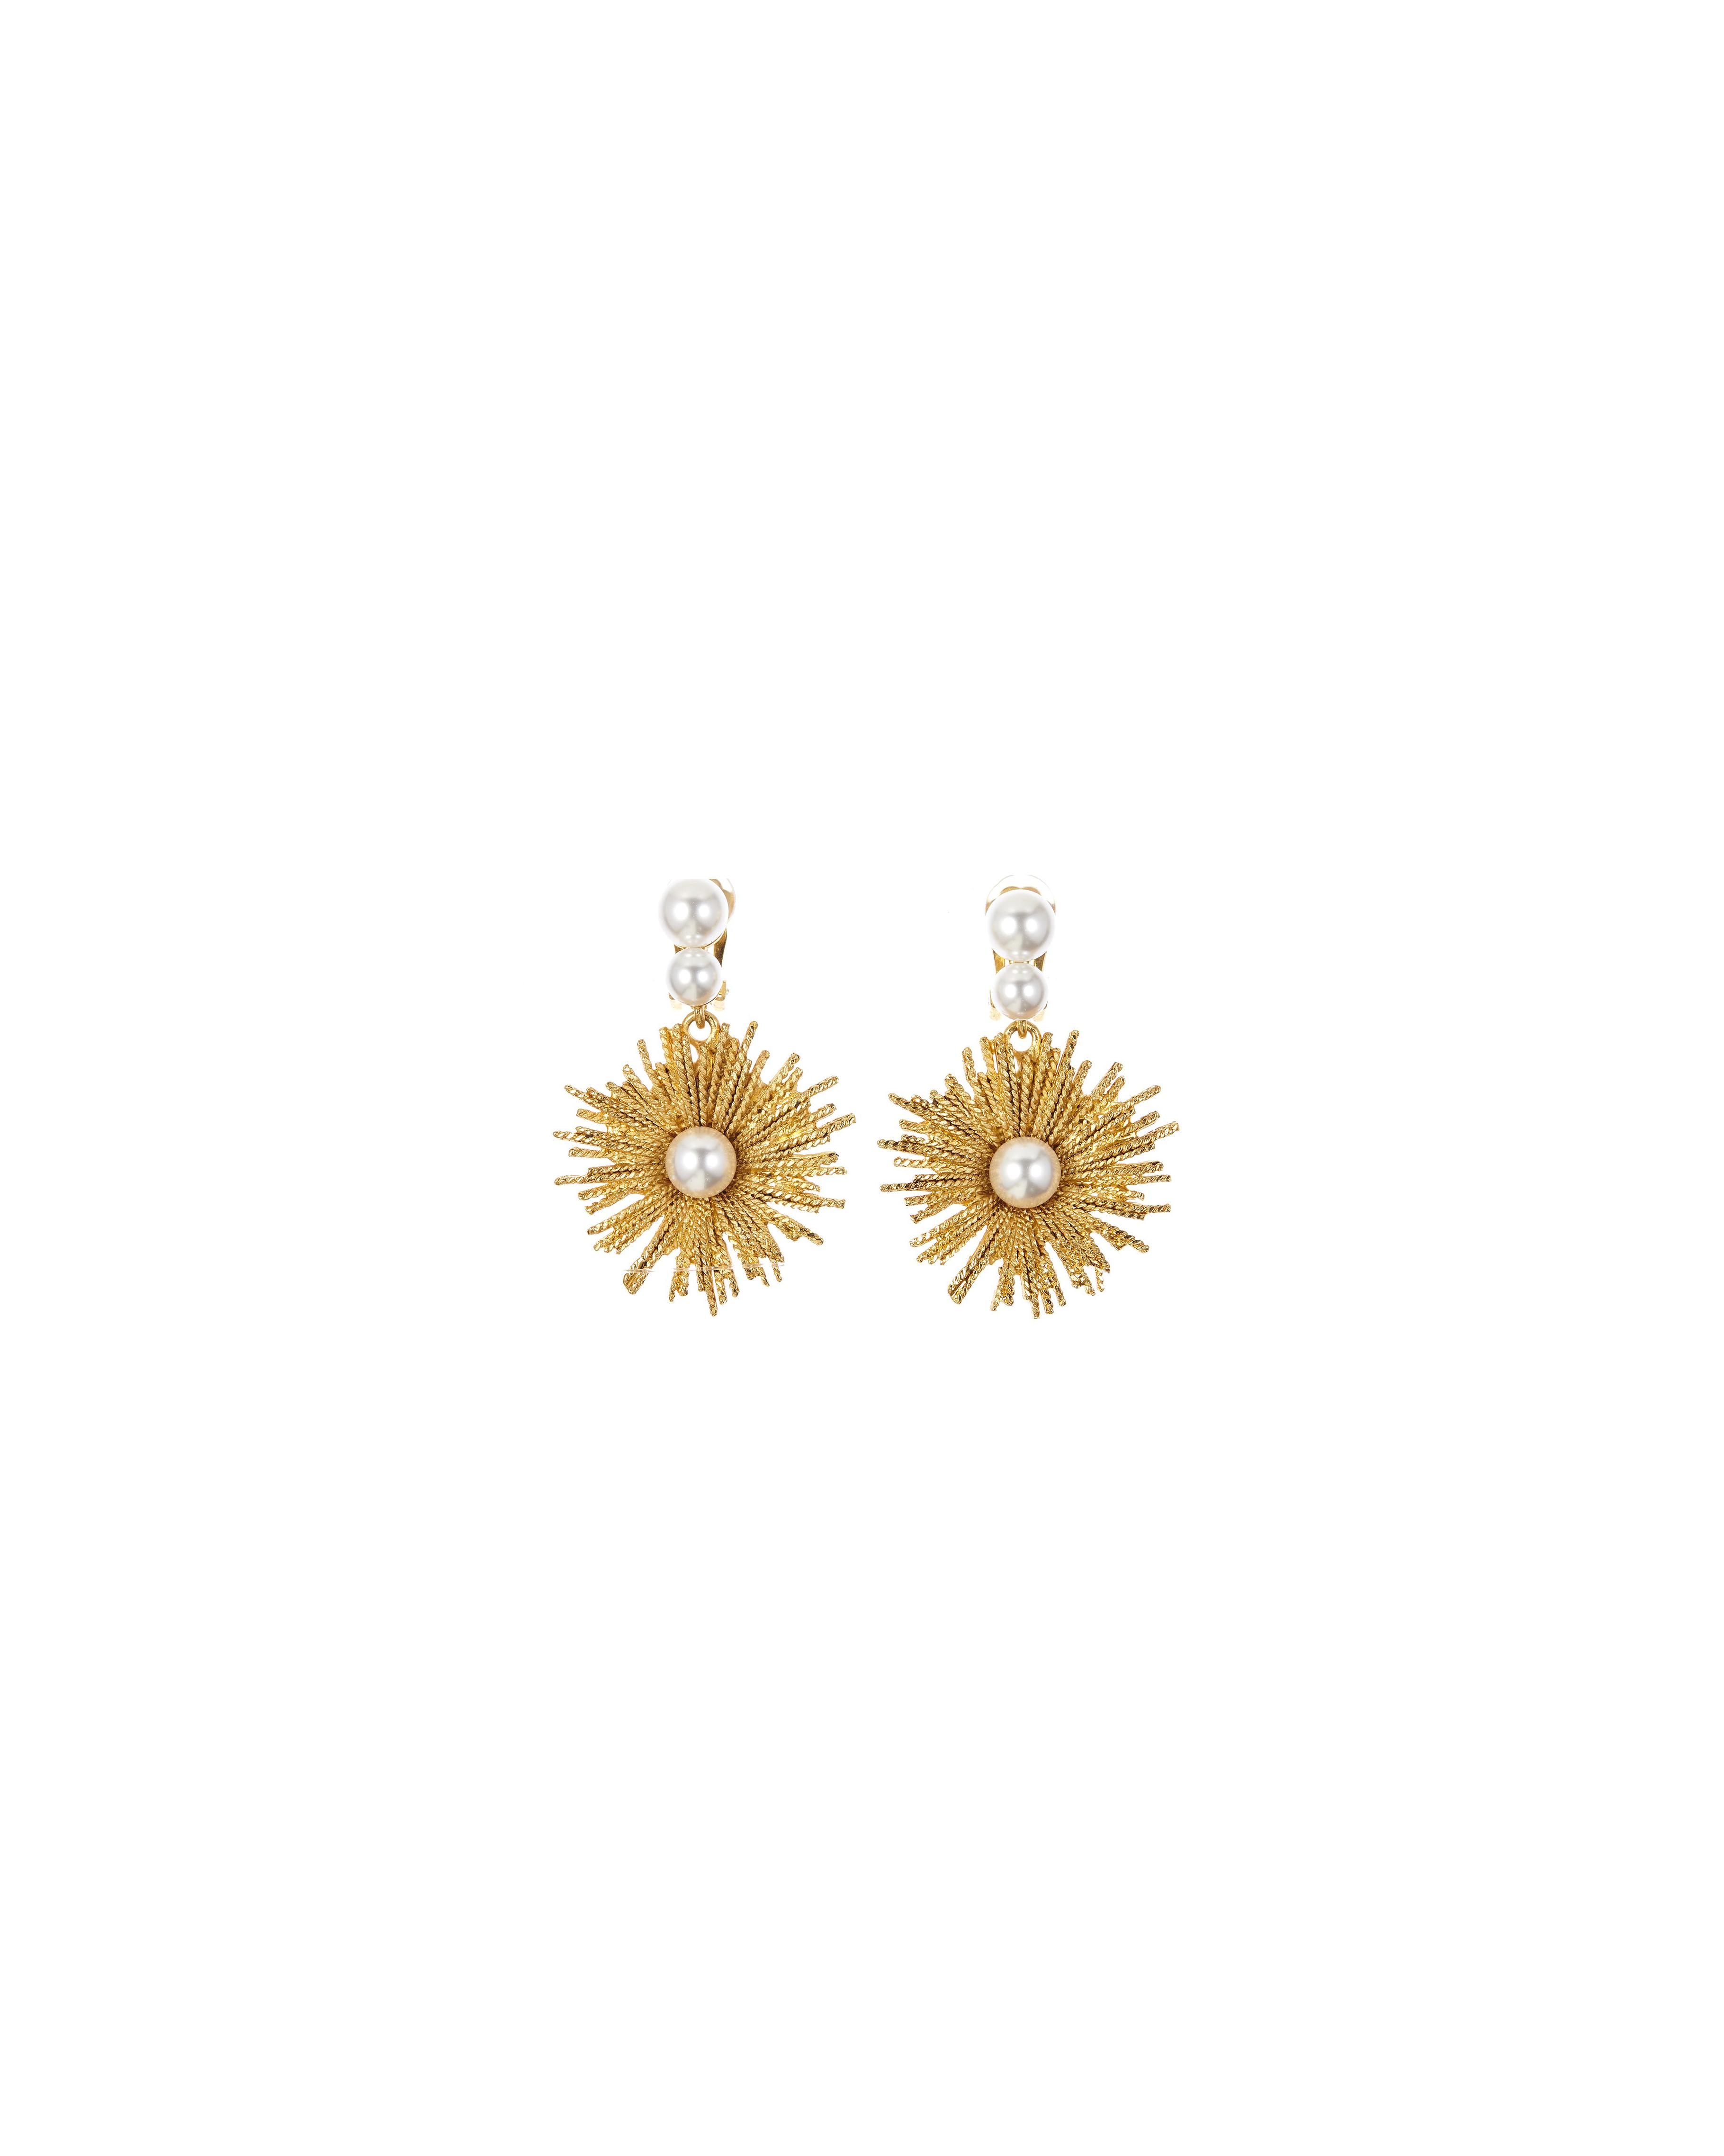 pearl wedding earrings oscar de la renta